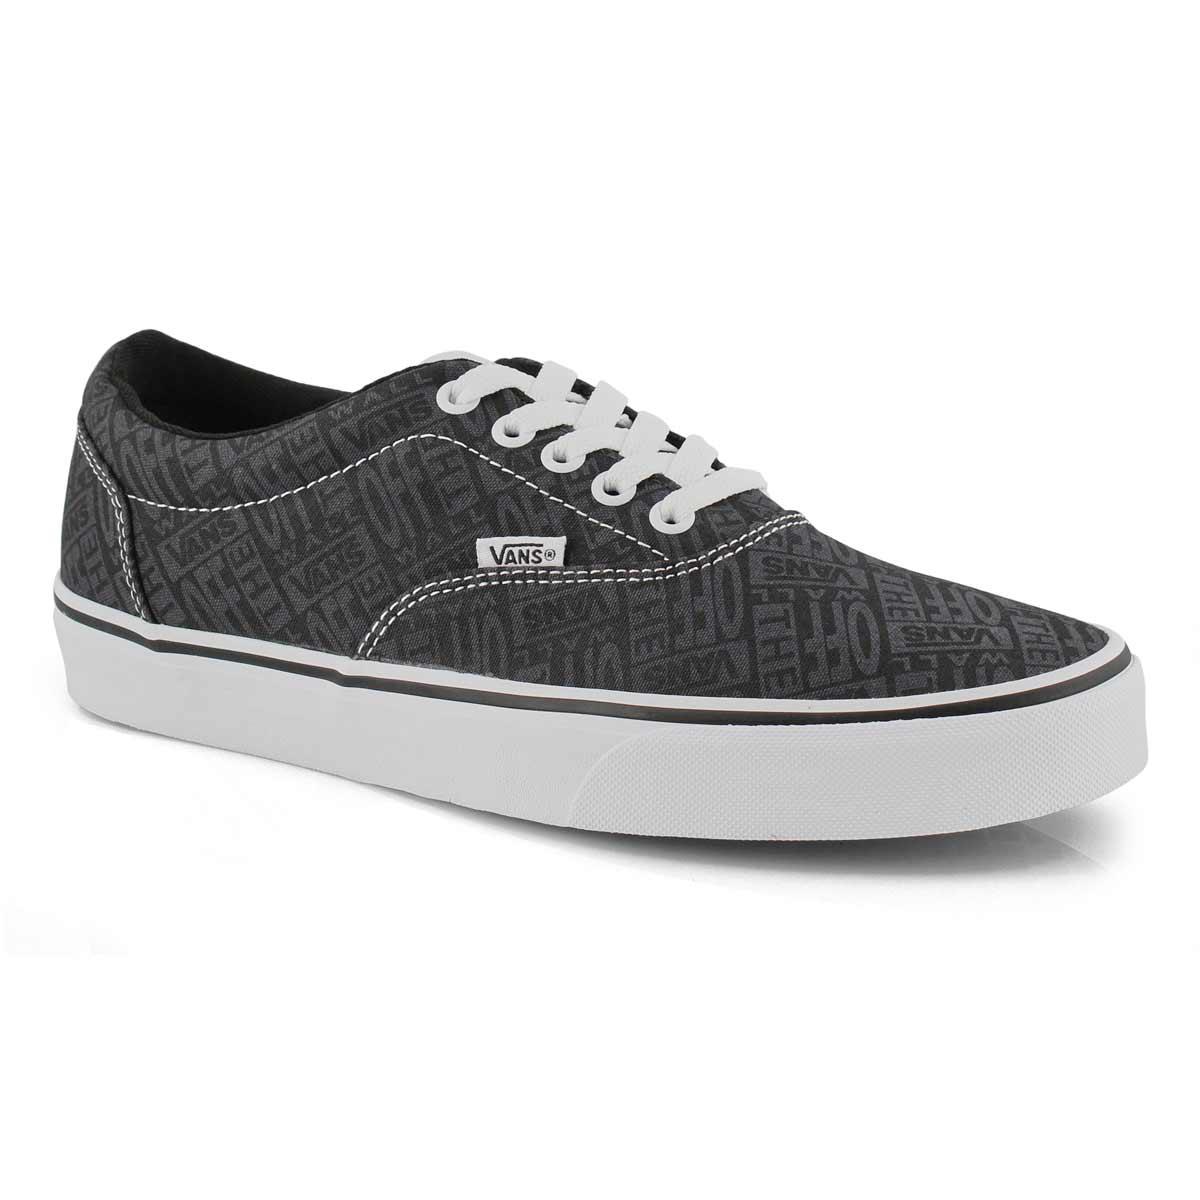 Men's Doheny OTW Sneaker - Black/White